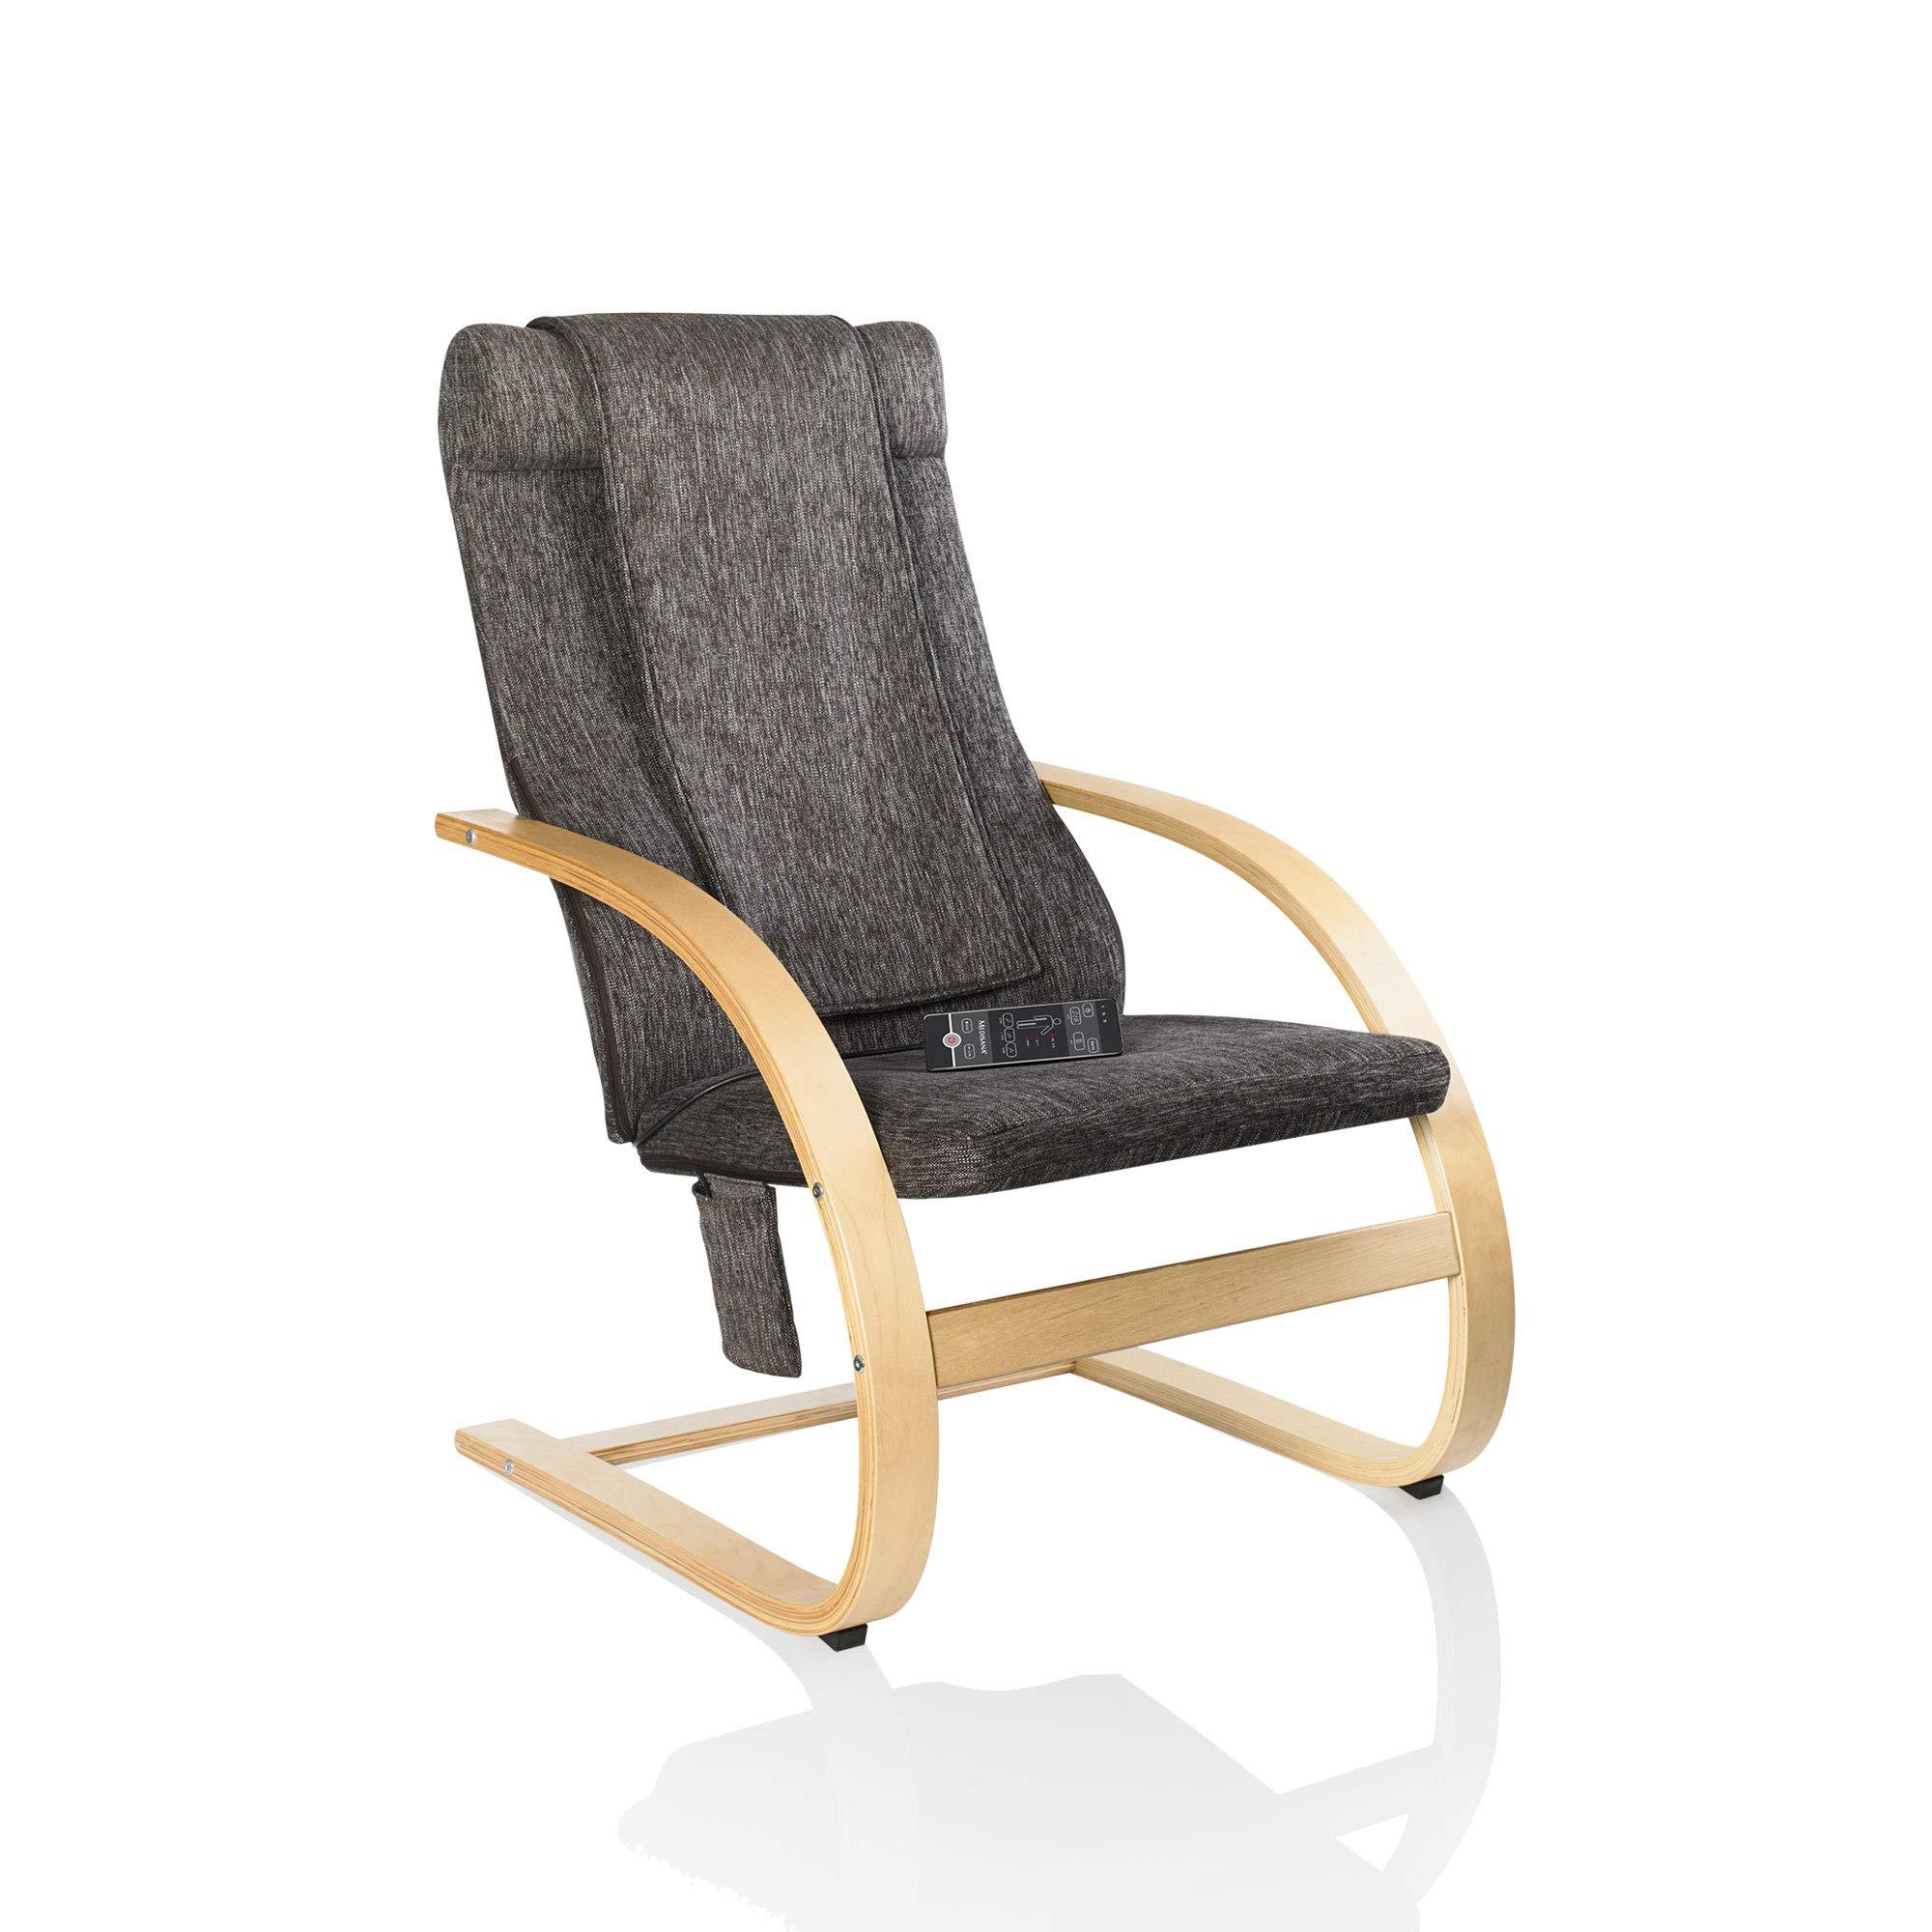 Medisana RC 410 chaise de massage avec fonction de massage Shiatsu supplémentaire et fonction de chaleur pour la détente incl. Facteur de bien-être - 88410 product image